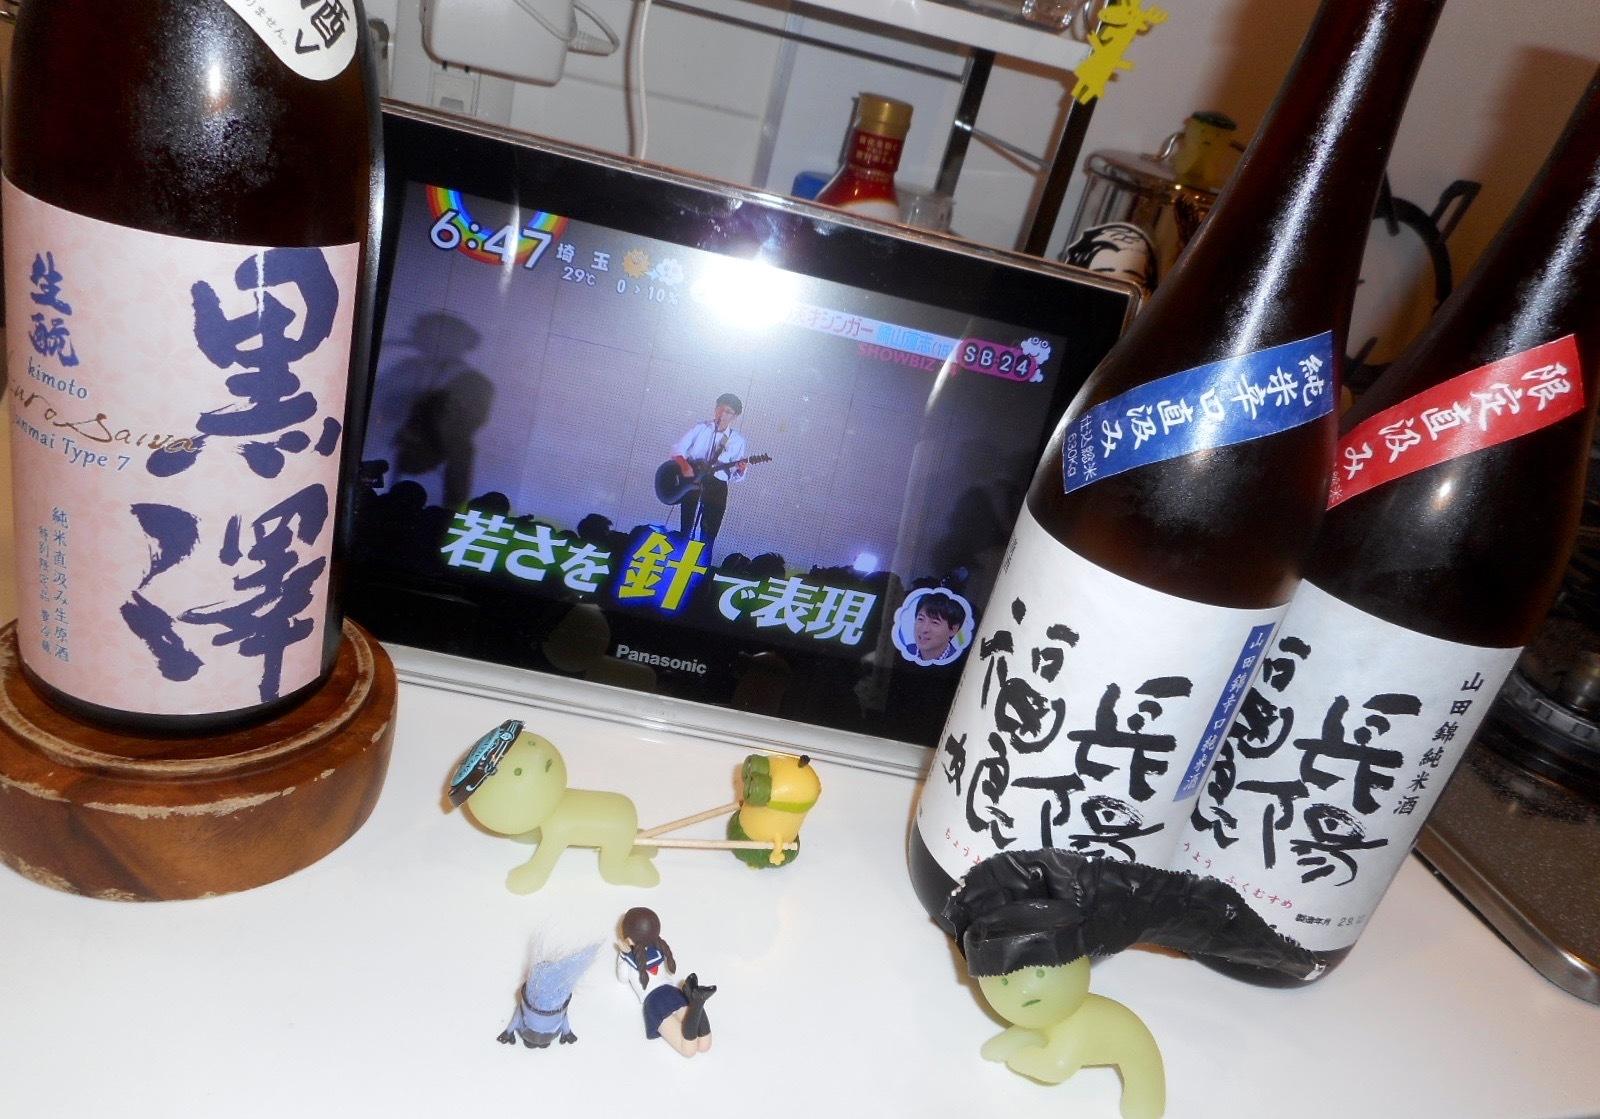 kurosawa_type7_2_29by8.jpg